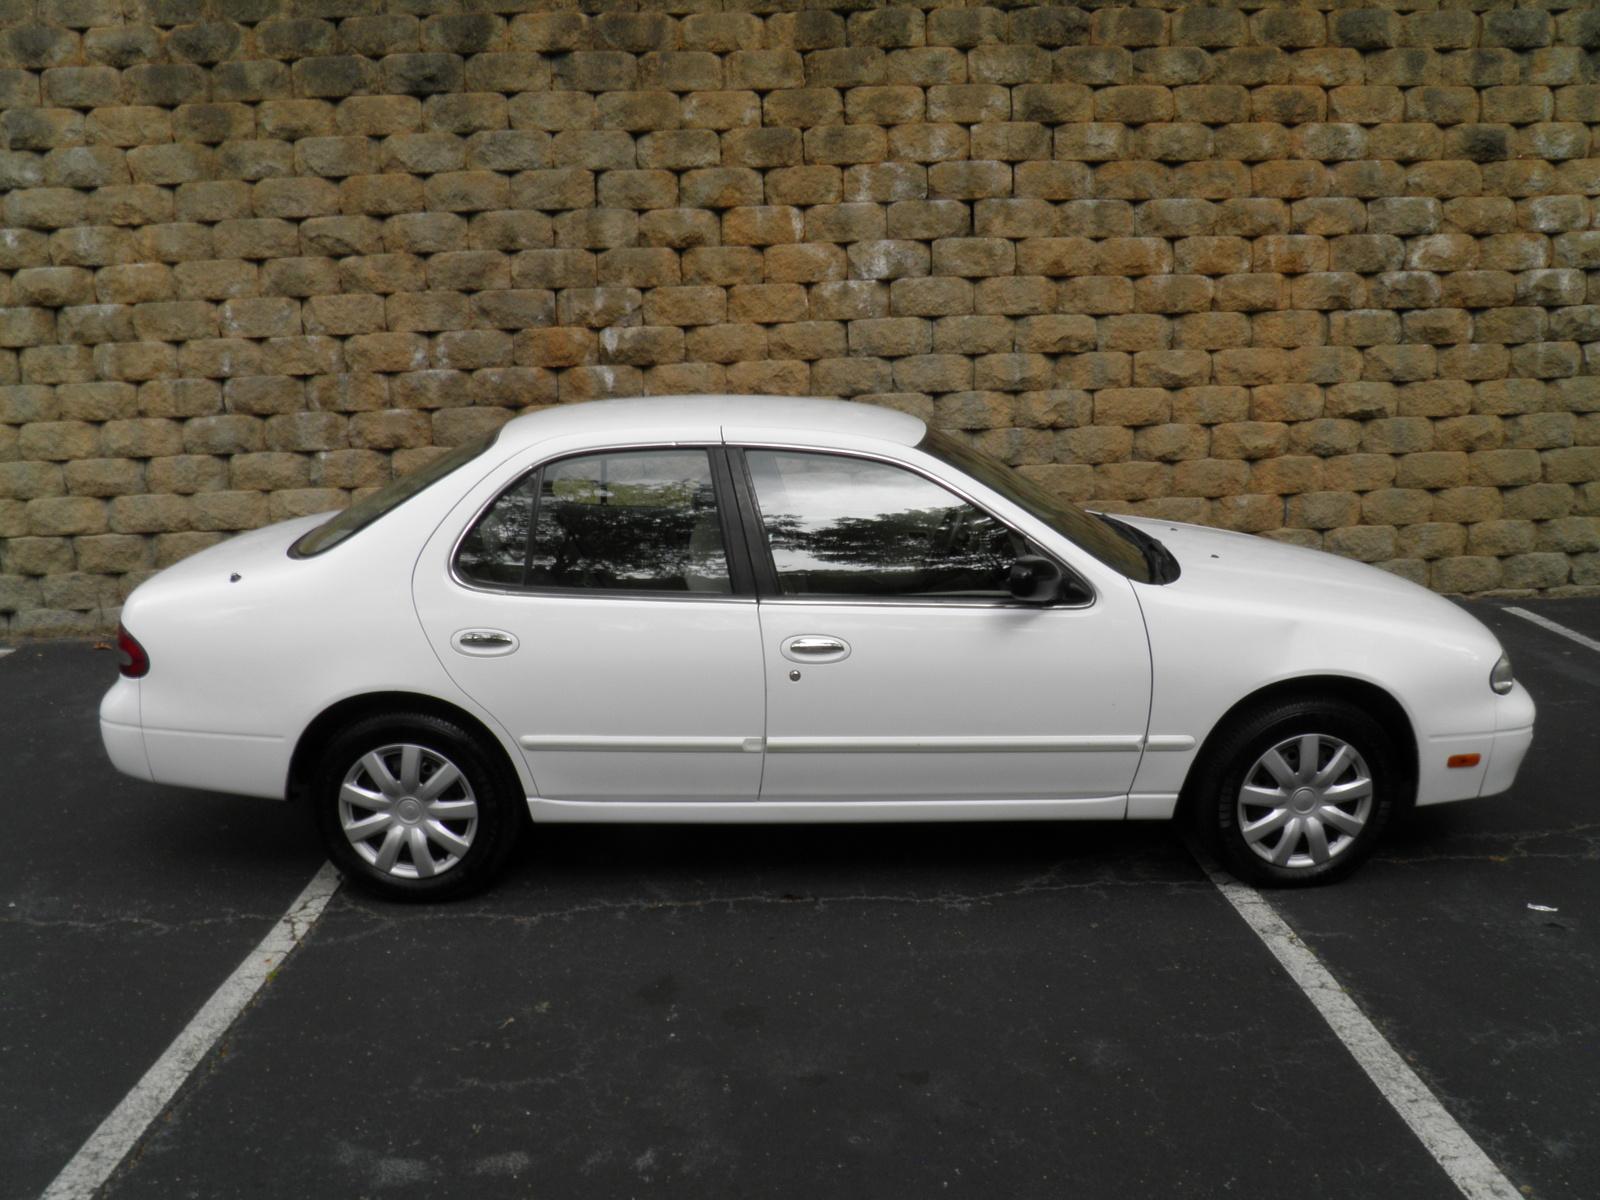 1997 Nissan Altima Pictures Cargurus